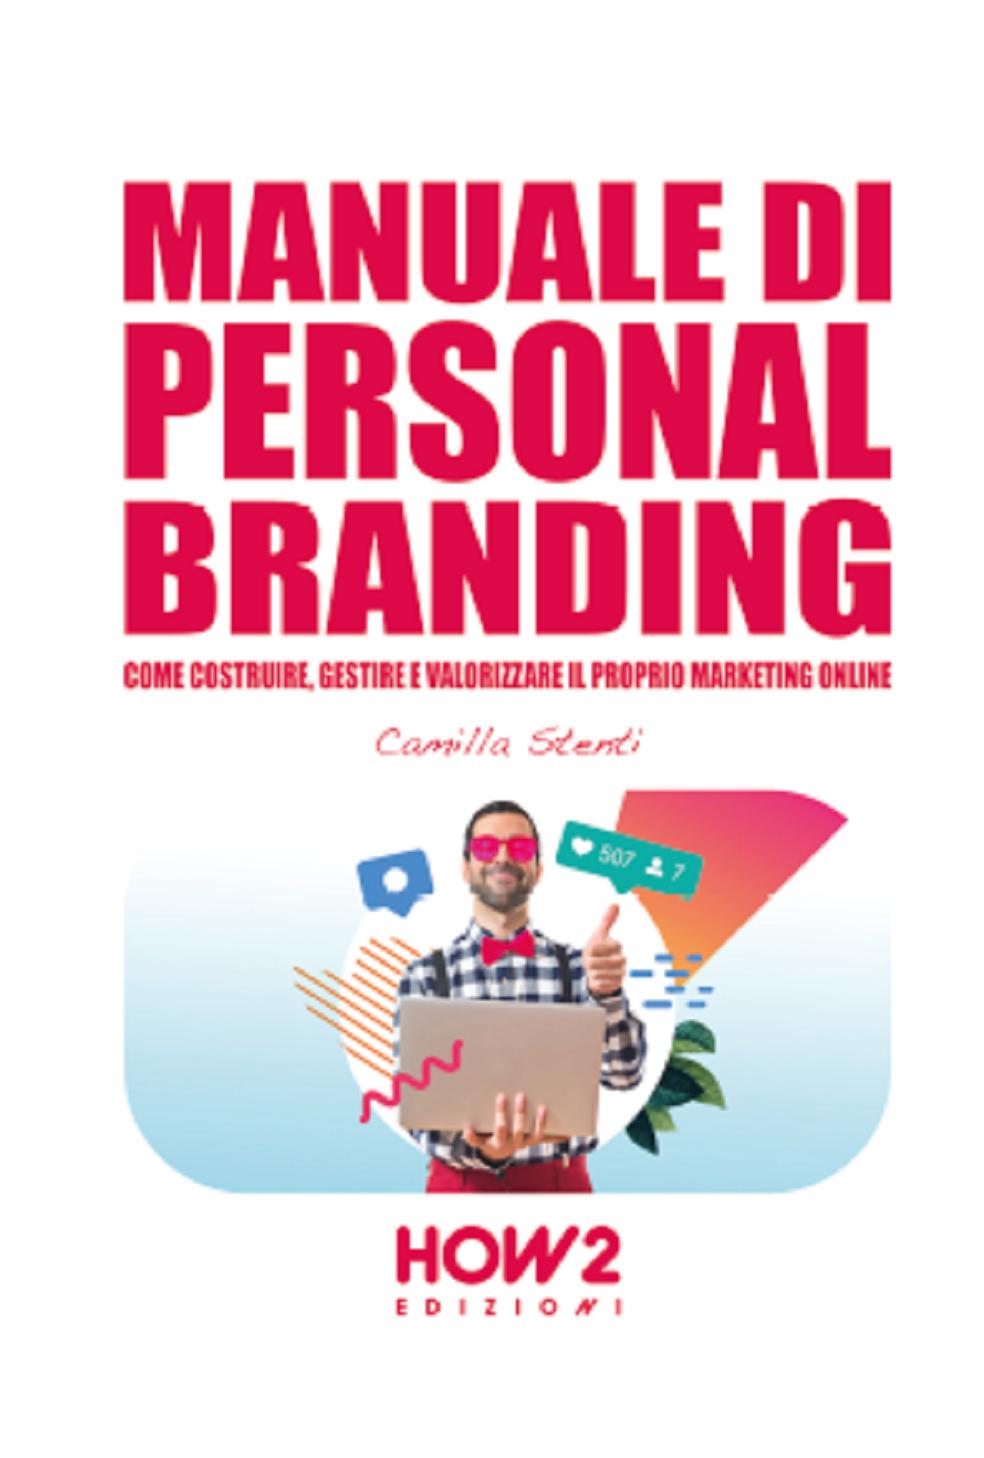 Manuale di personal branding